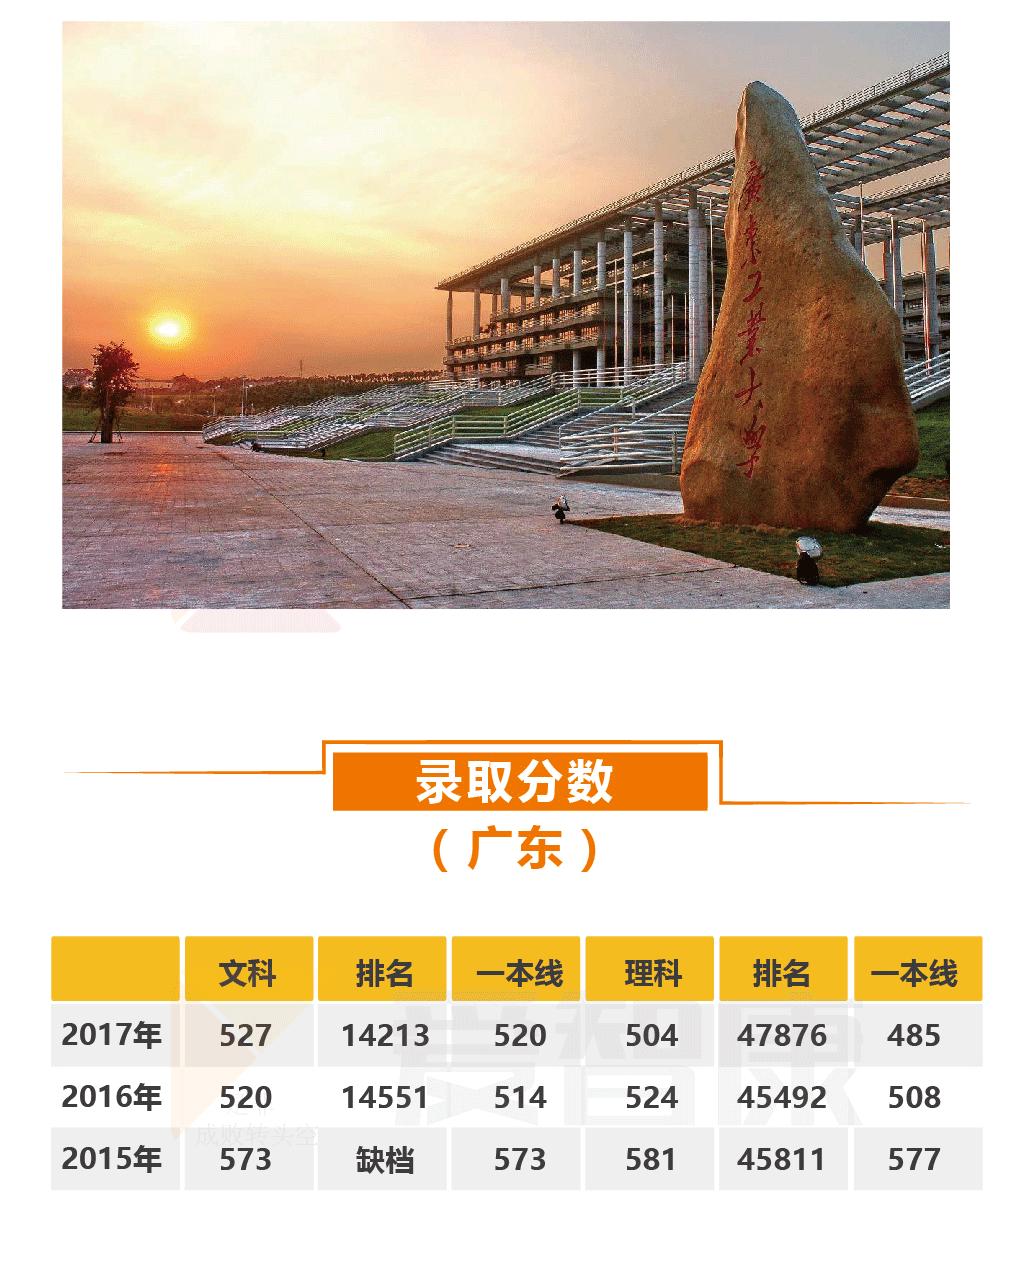 广东工业大学录取分数